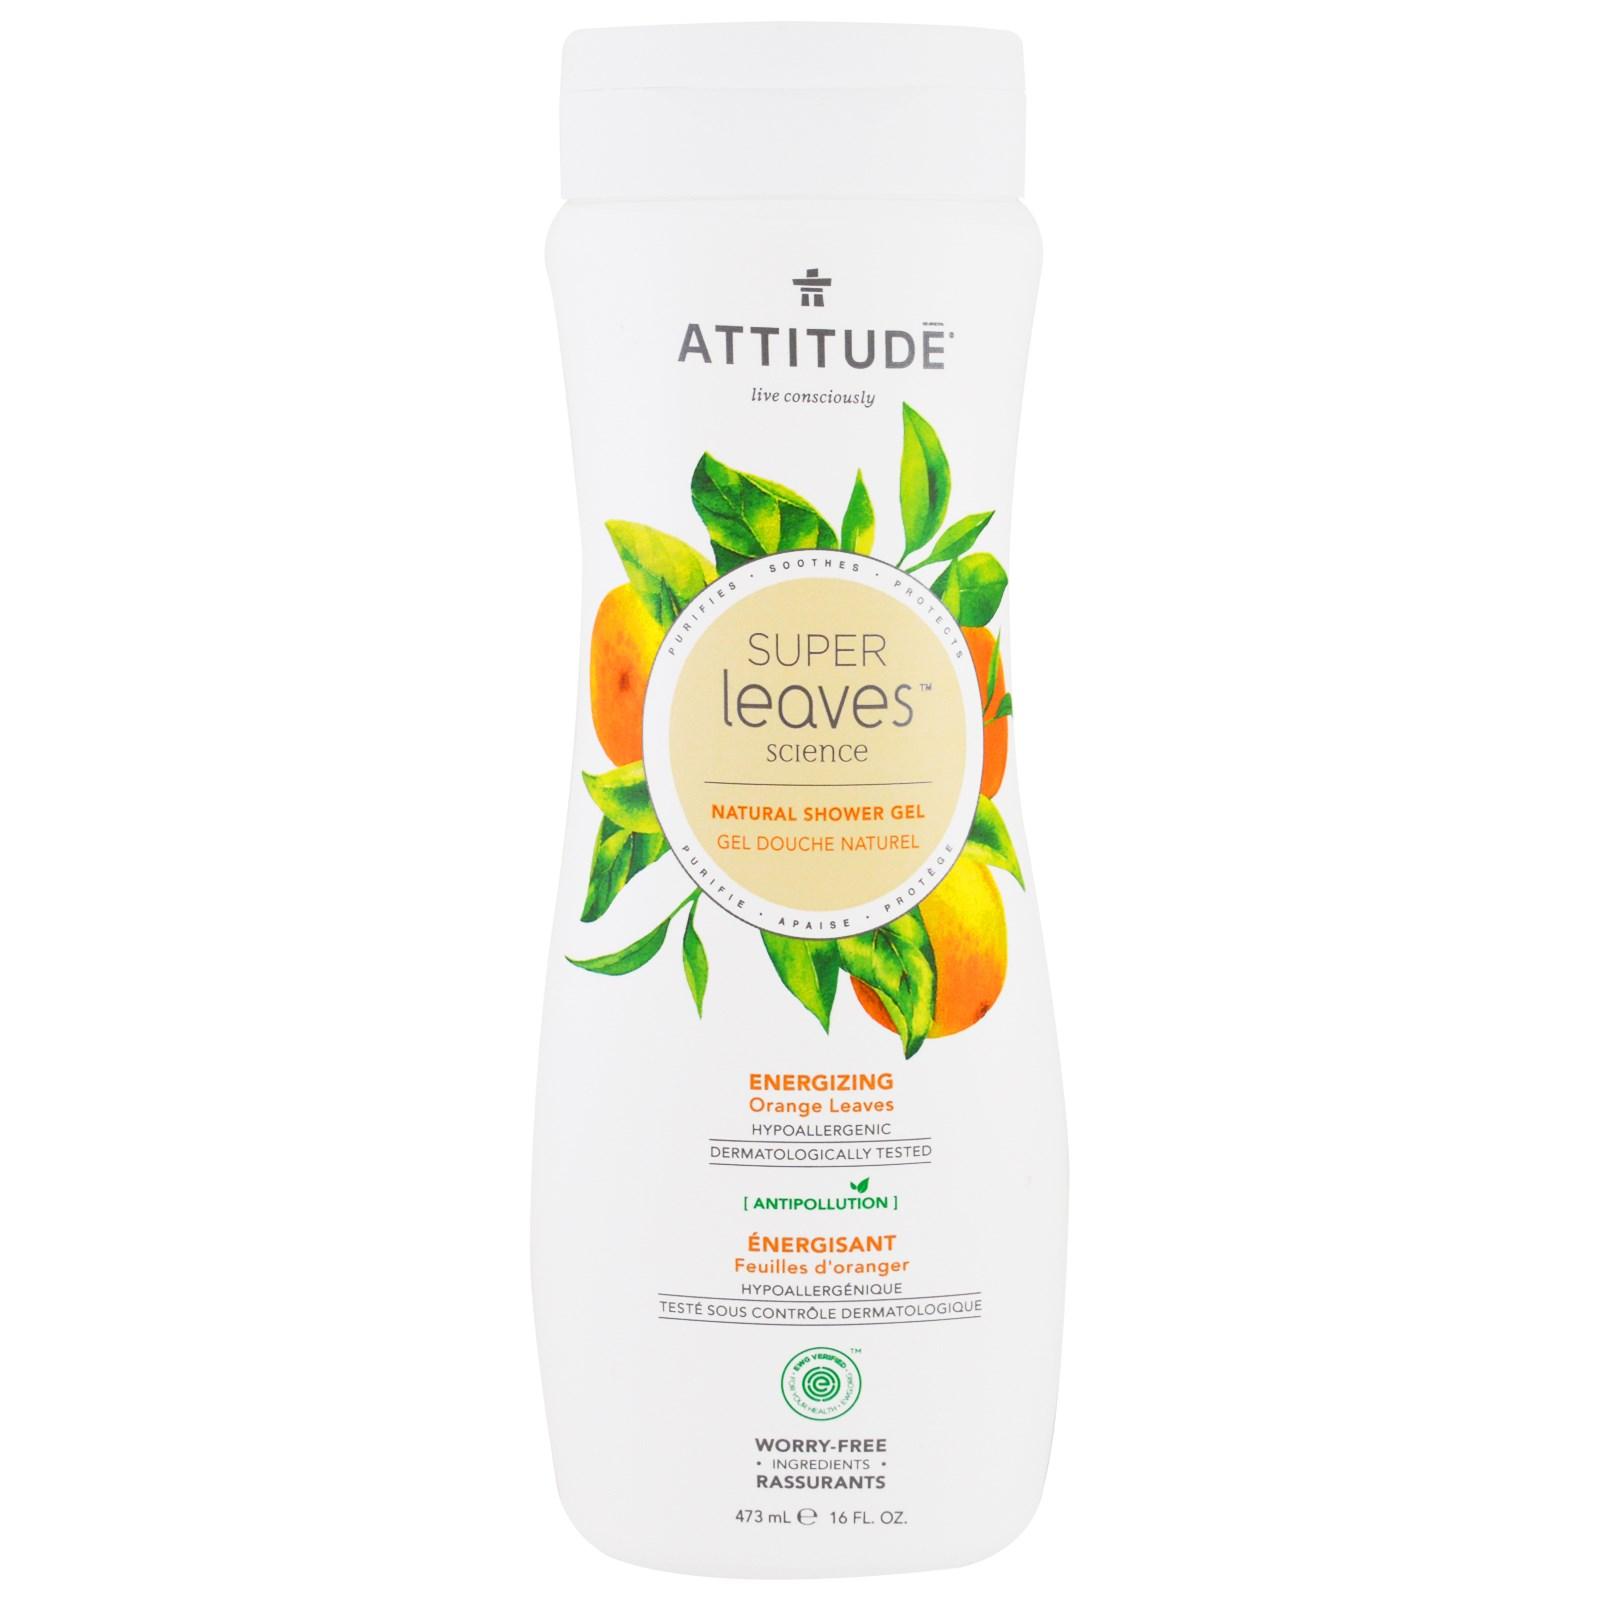 ATTITUDE, Super Leaves Science, натуральный гель для душа, энергичный, листья апельсина, 473 мл (16 унций)